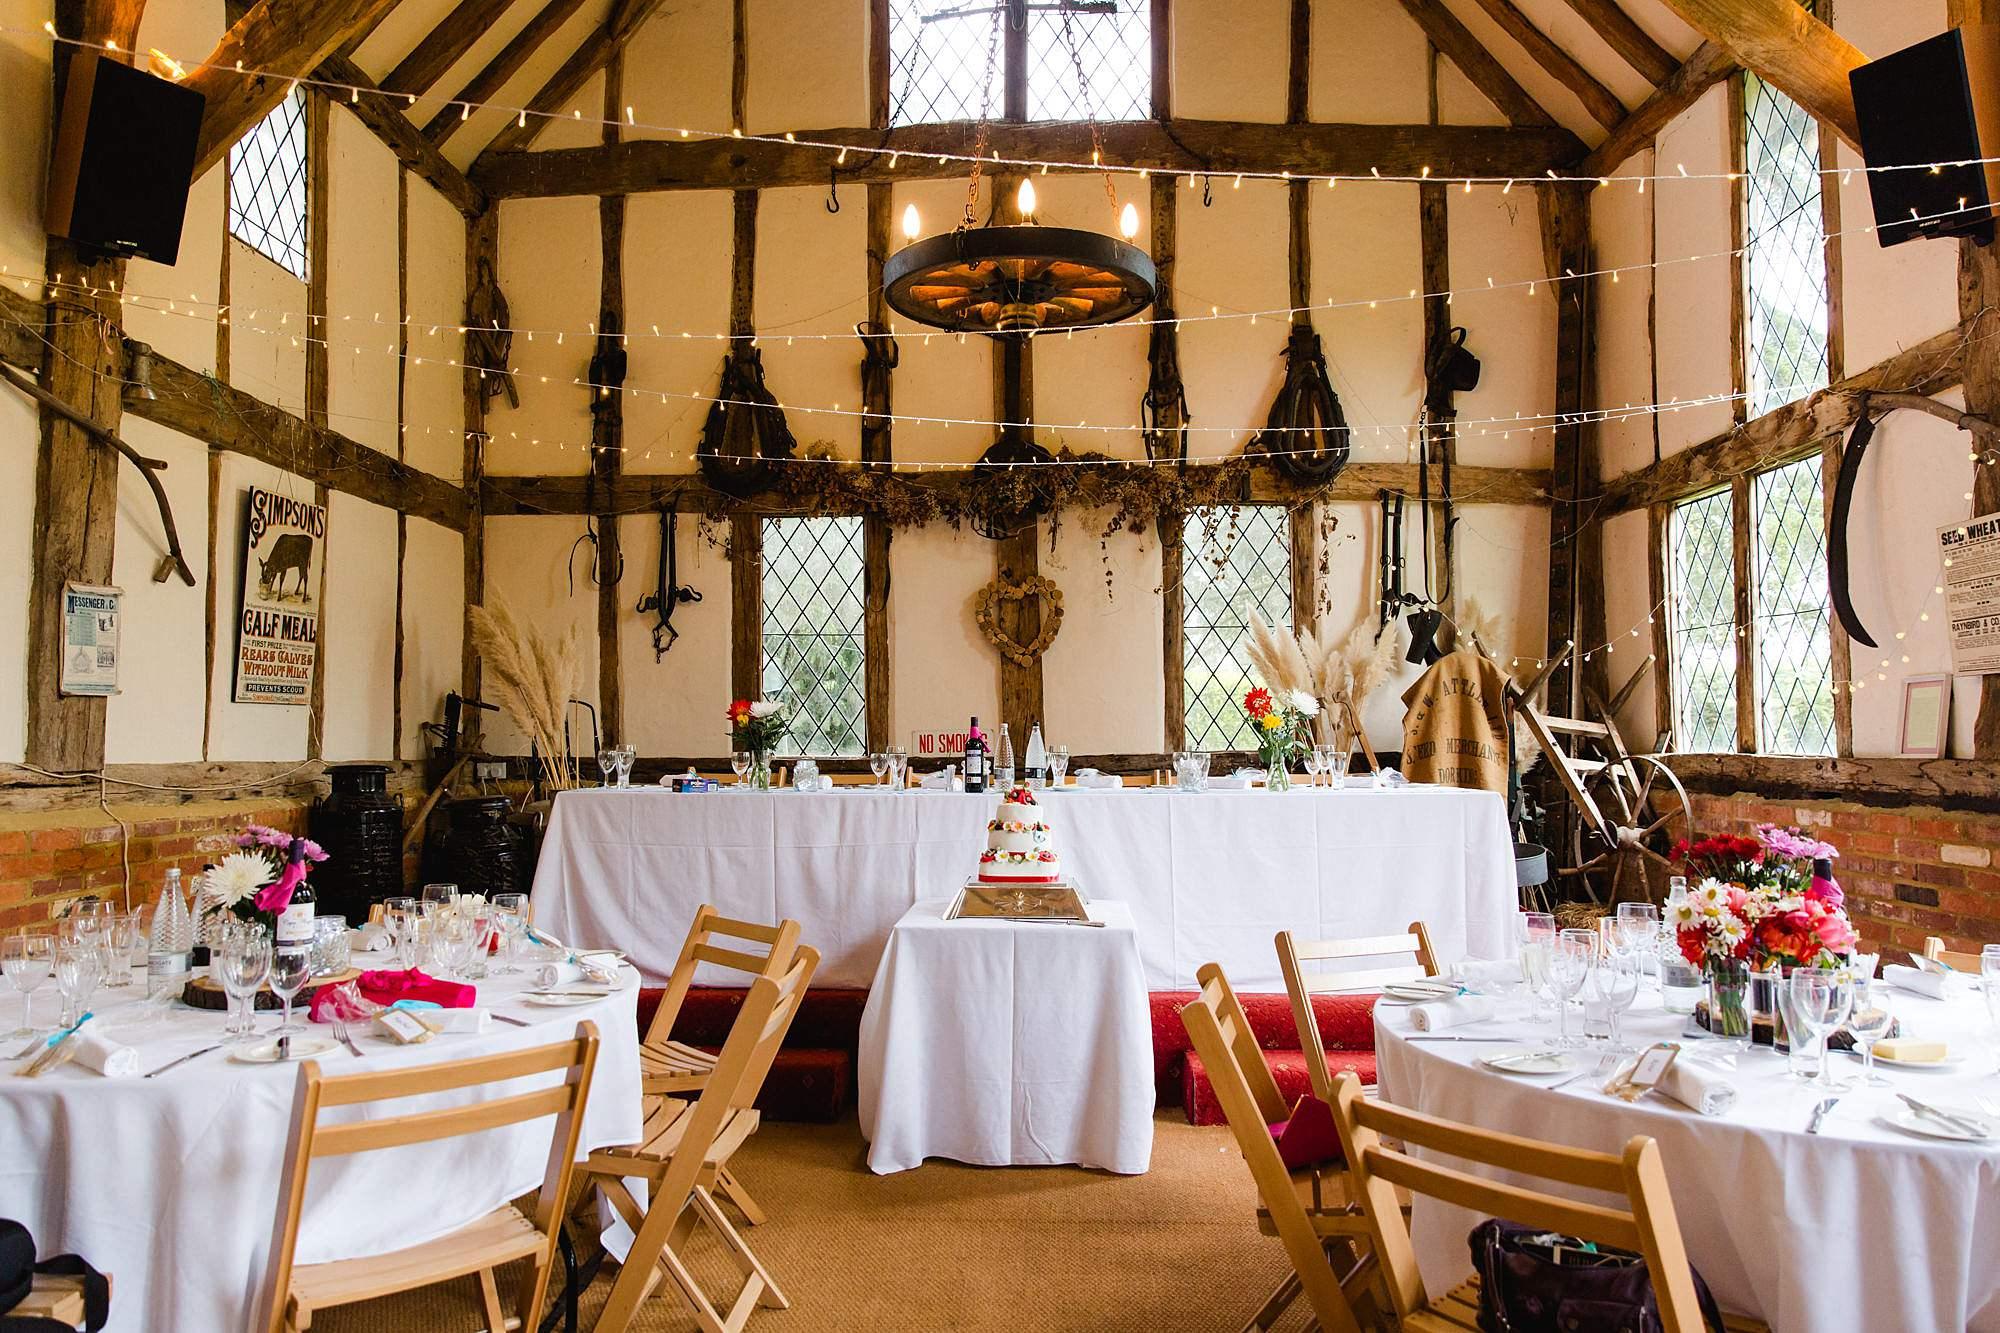 Fun DIY wedding decorations inside norwood farm barn